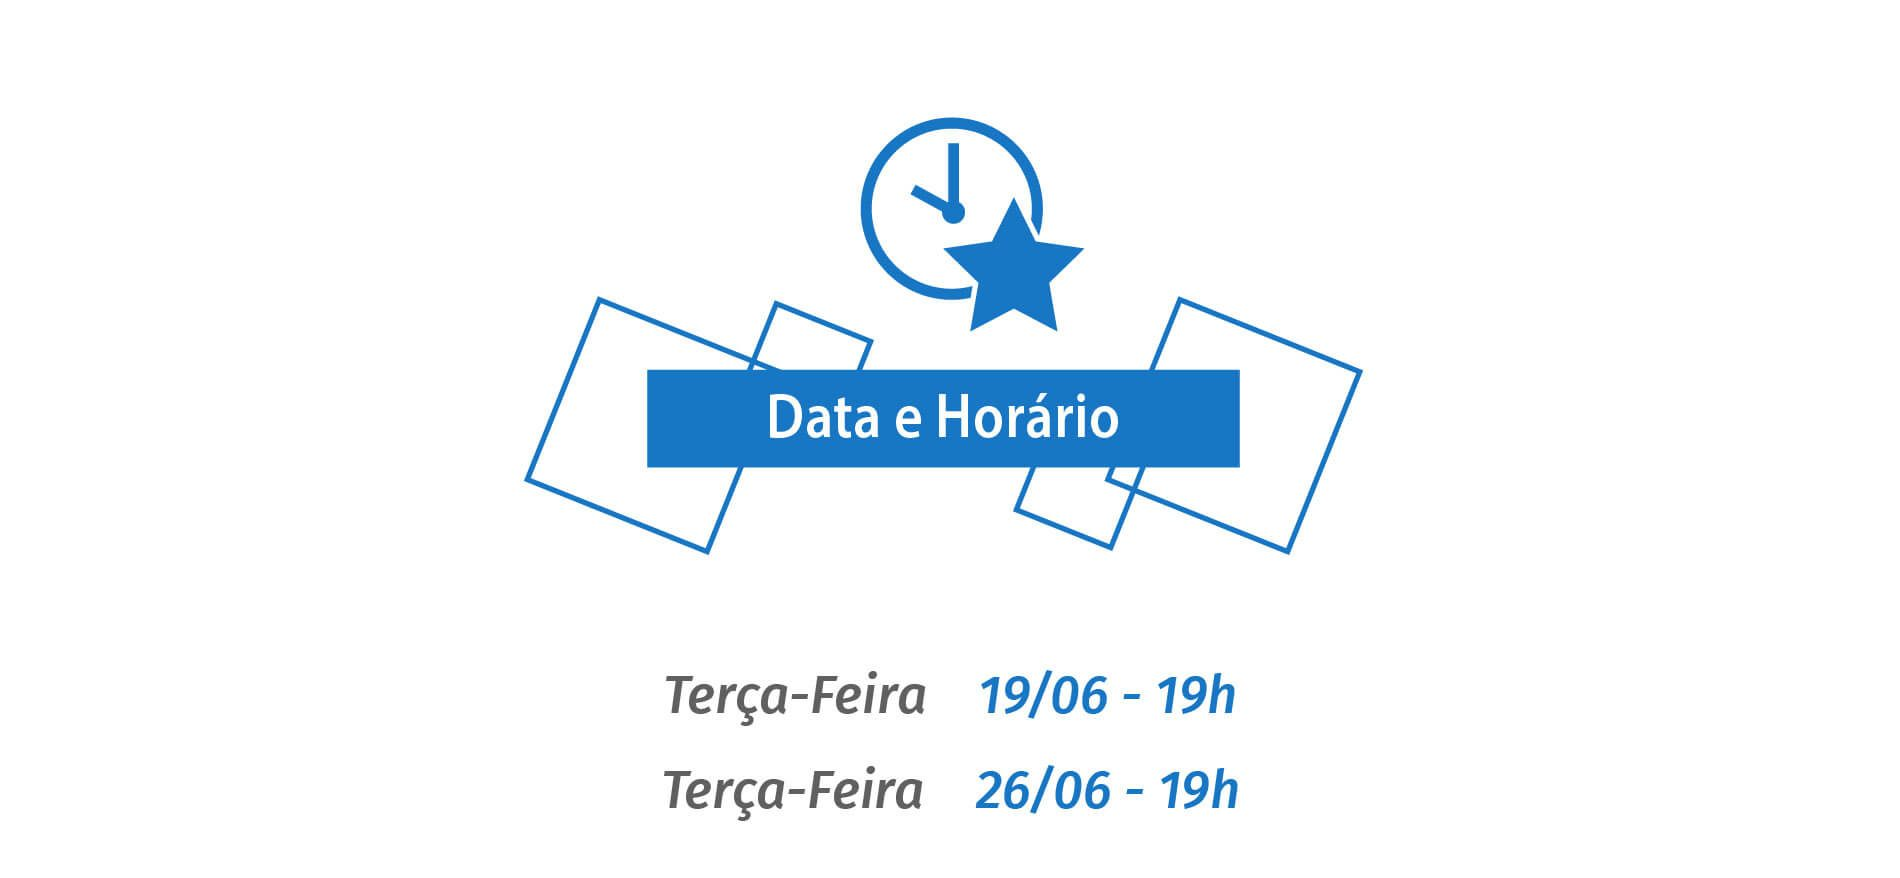 https://www.mestregp.com.br/wp-content/uploads/2018/01/Pagina-CdE-Gestão-de-Pessoas-DataeHora-1900x878.jpg